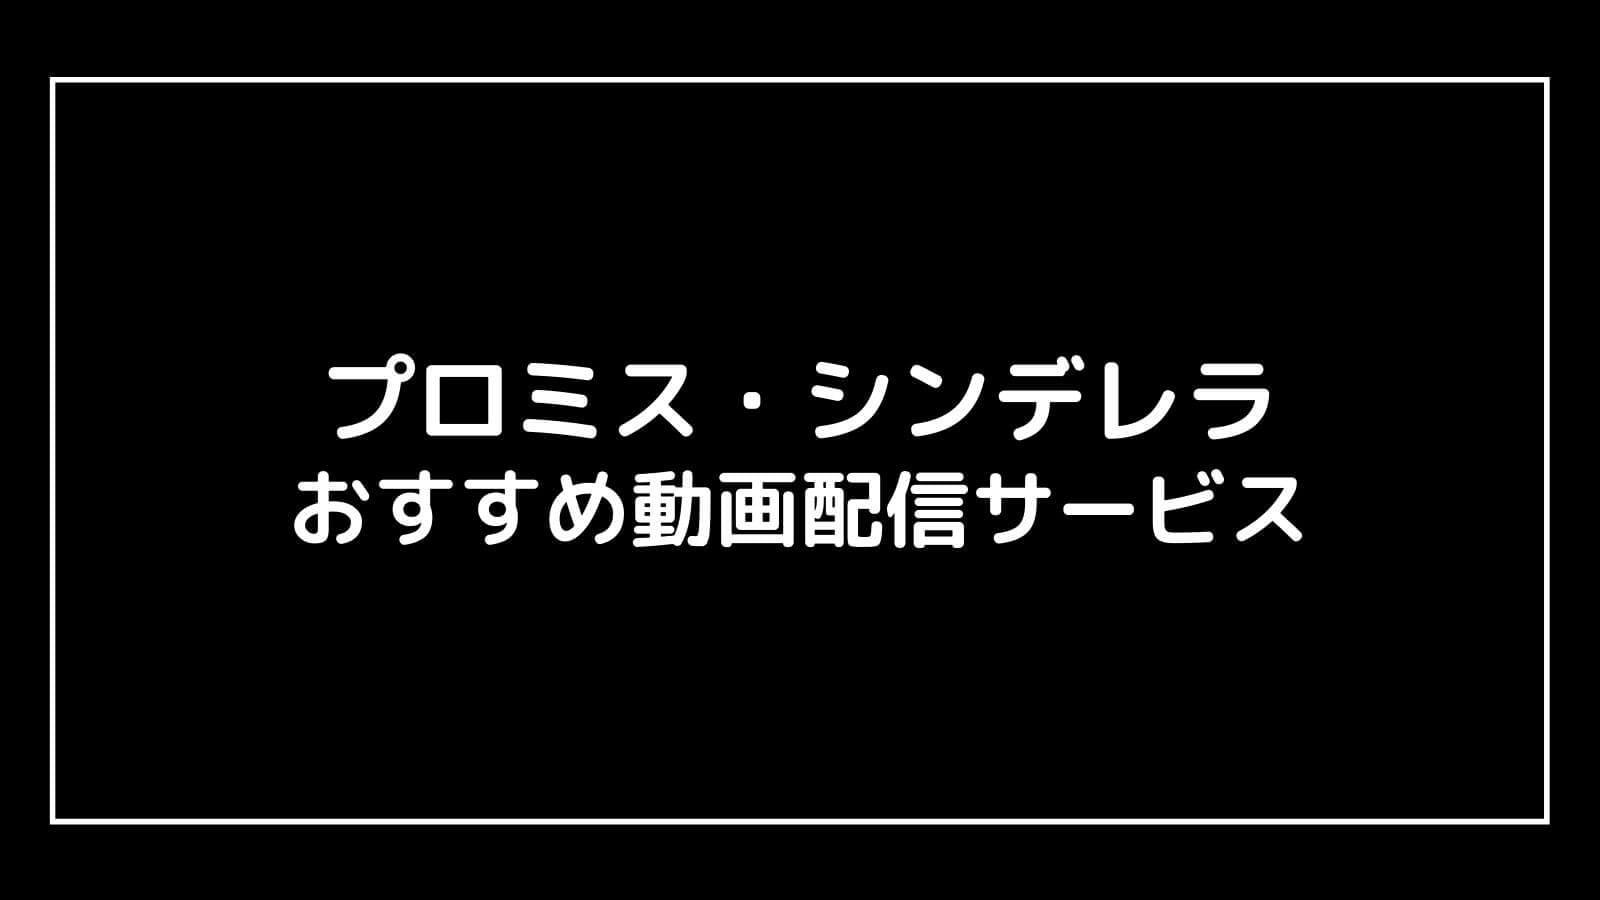 『プロミス・シンデレラ』見逃し配信を全話無料視聴できる動画配信サービス